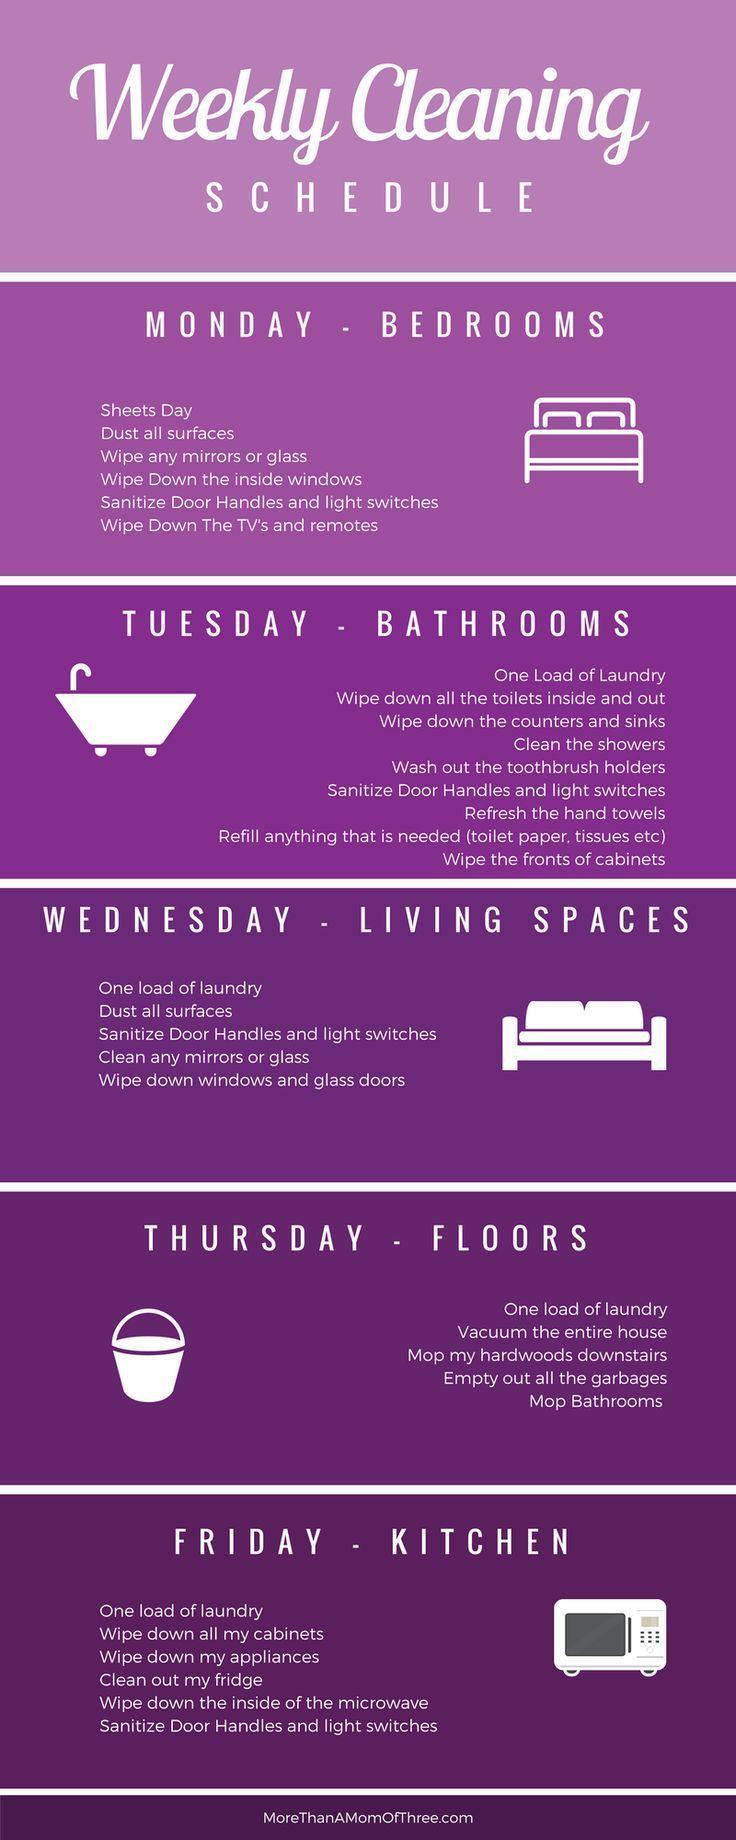 Wöchentlicher Reinigungsplan zum Ausdrucken – #Ausdrucken #make #Reinigungsplan…